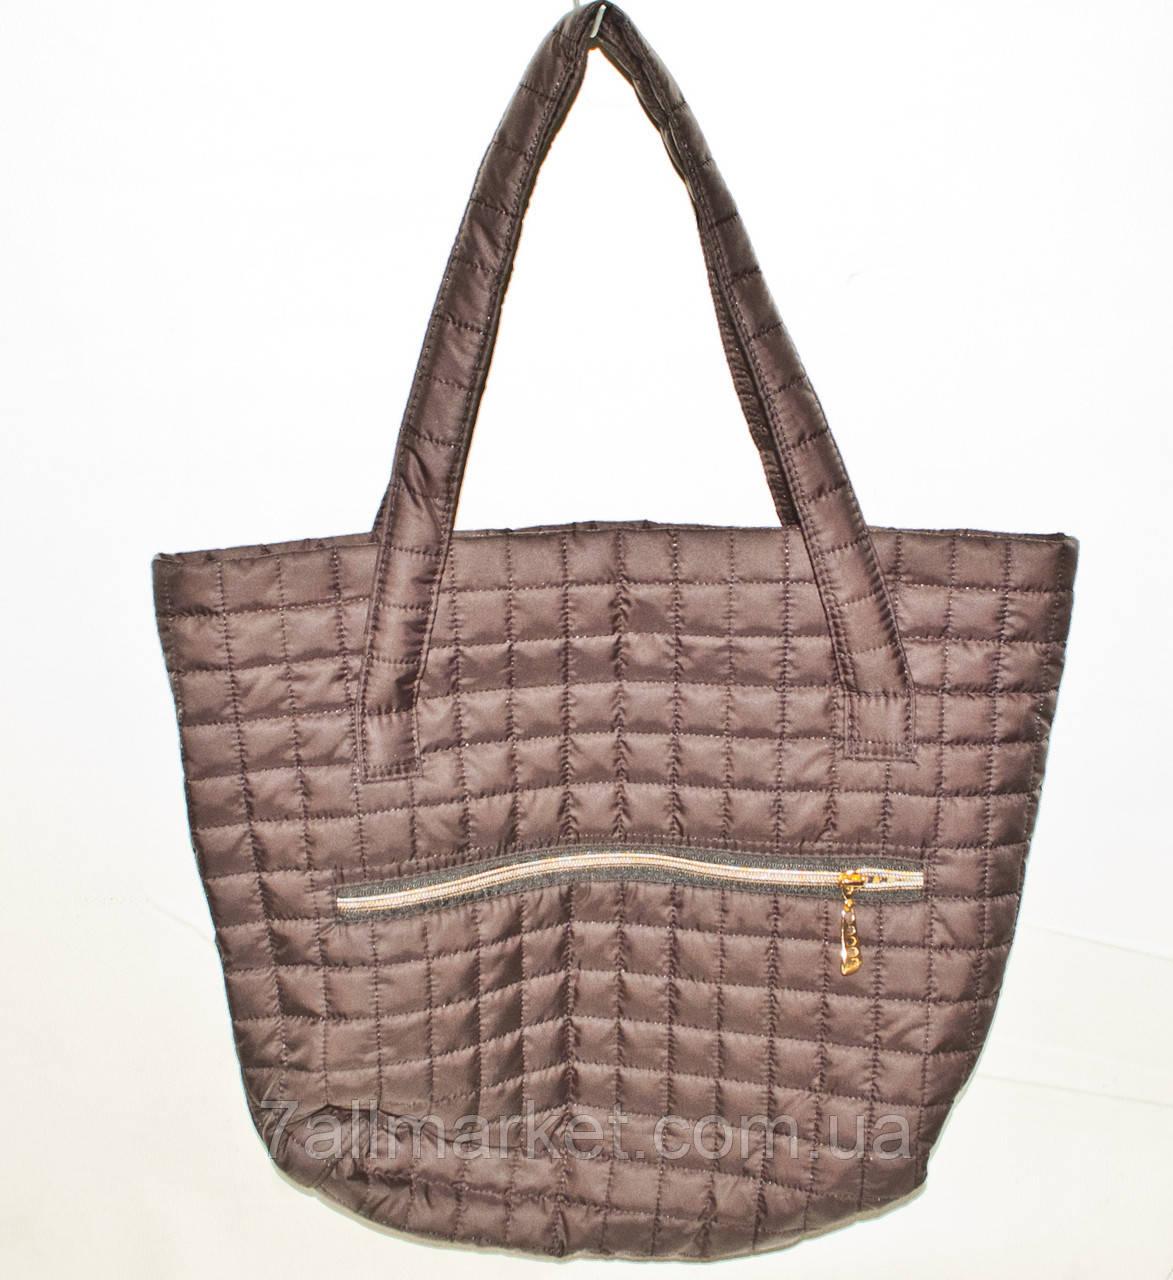 c8ebfd5f125c Сумка-шоппер женская стеганая стильная, размеры 40*30 (5 цветов) Серии